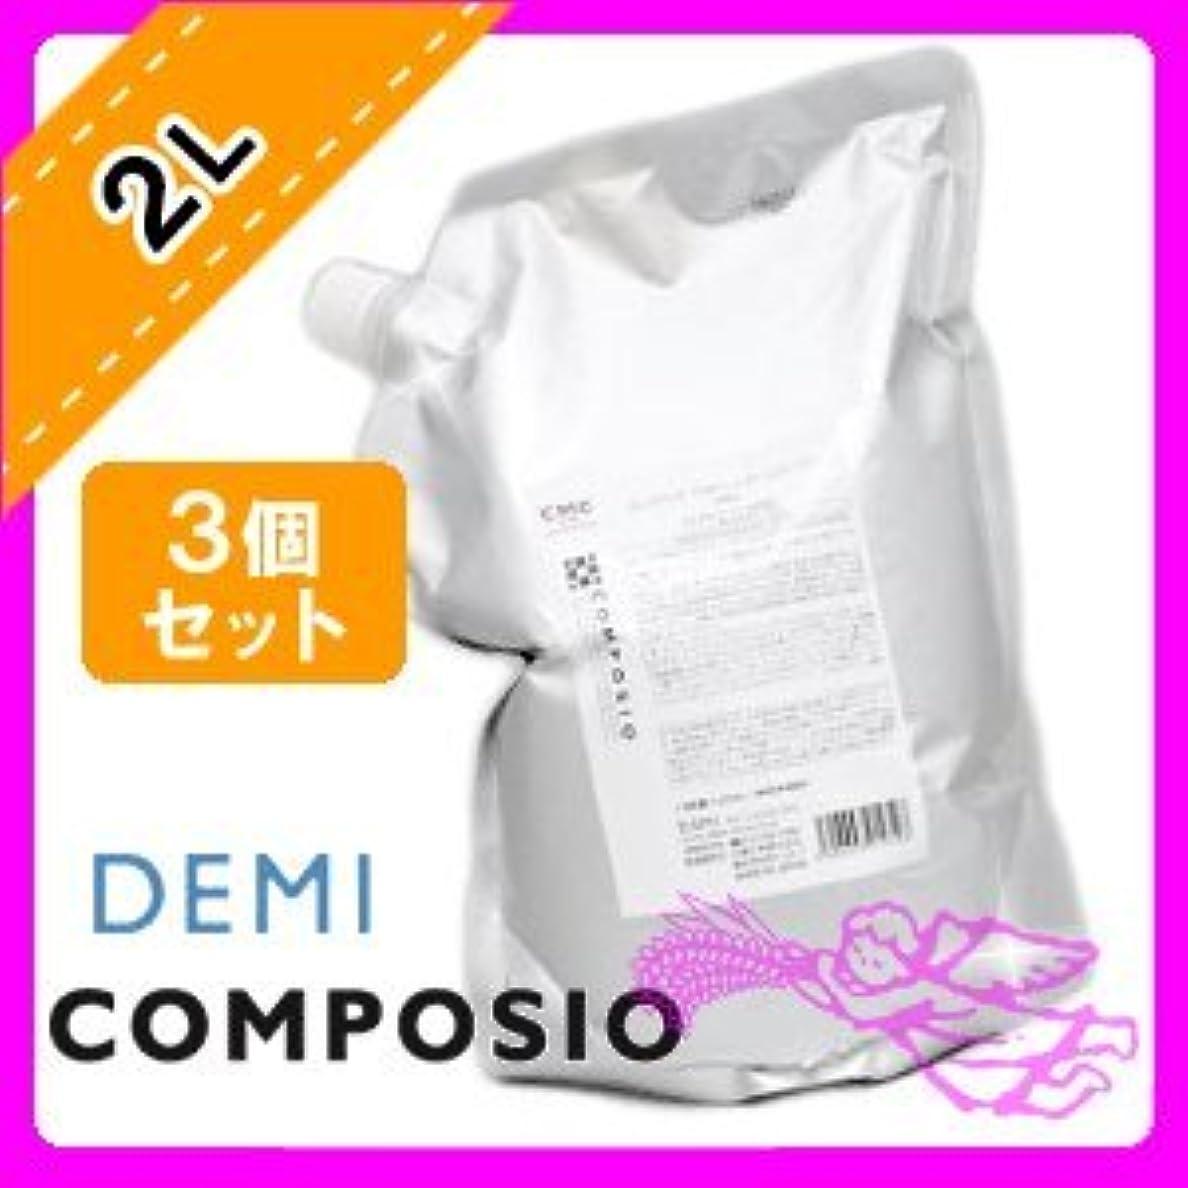 デミ コンポジオ CMCリペアシャンプー 2000ml ×3個セット DEMI COMPOSIO